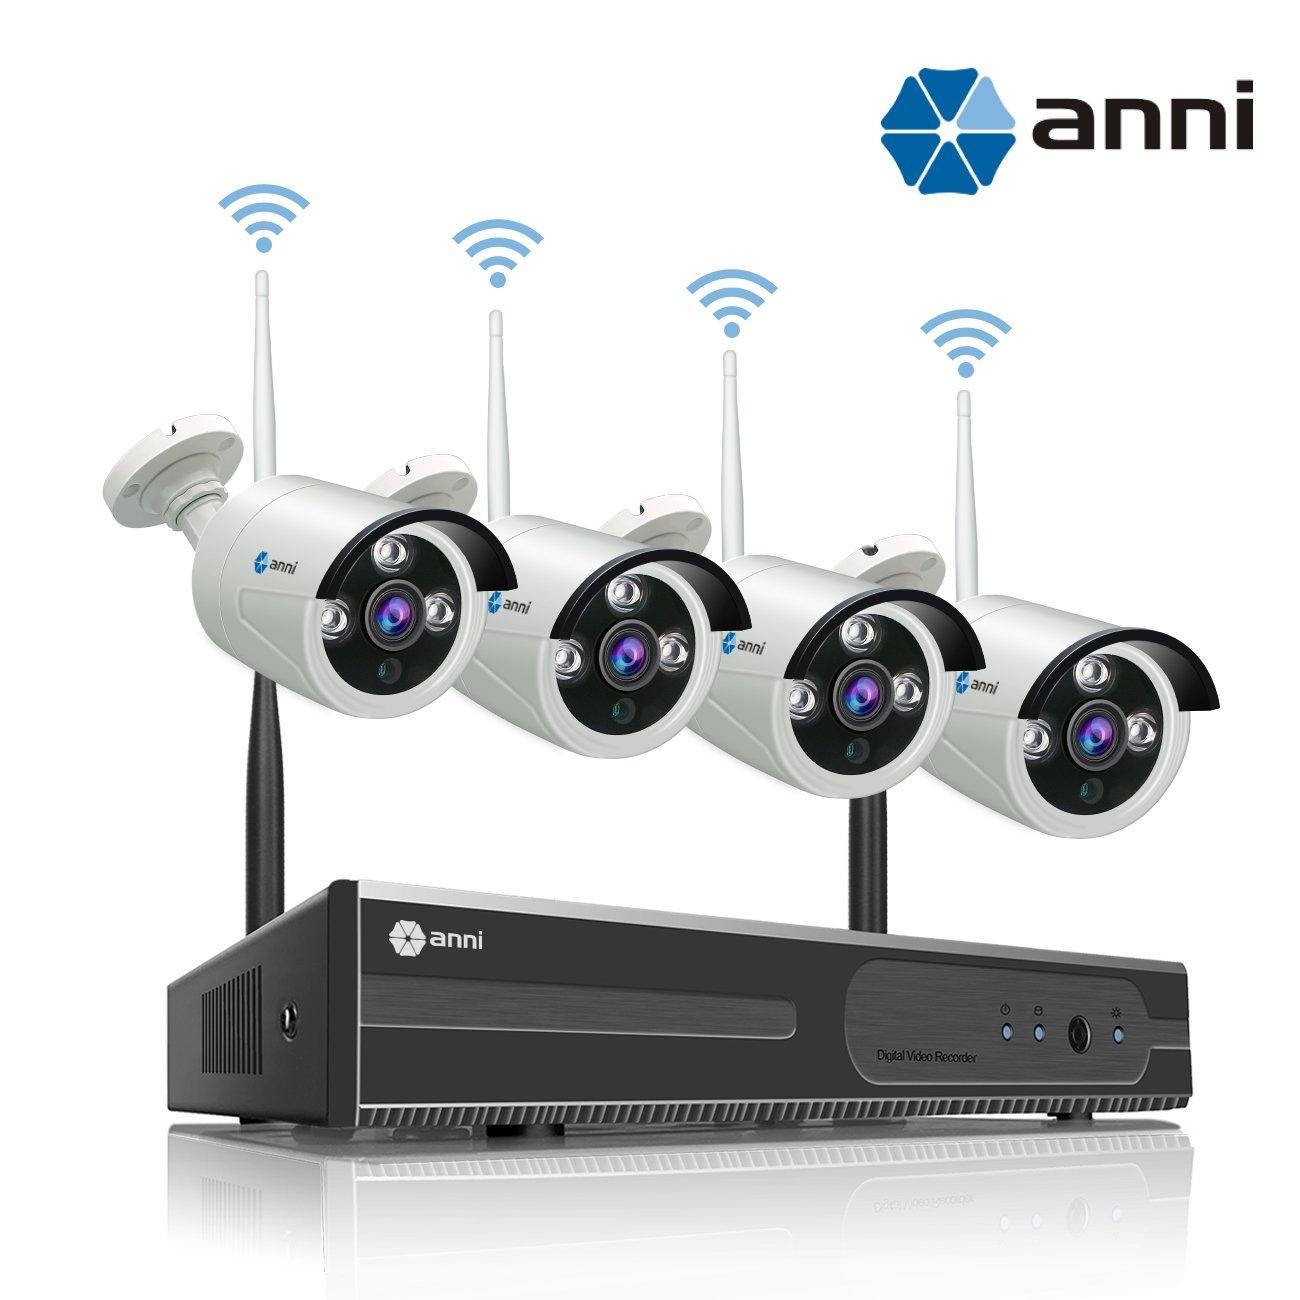 Anni Kit de Cámaras Seguridad WiFi Vigilancia Inalámbrica Sistema 1080P 4CH HD NVR, (4) 1.0MP megapíxeles 720P Cámara CCTV NVR Kit de Seguridad, P2P, ...